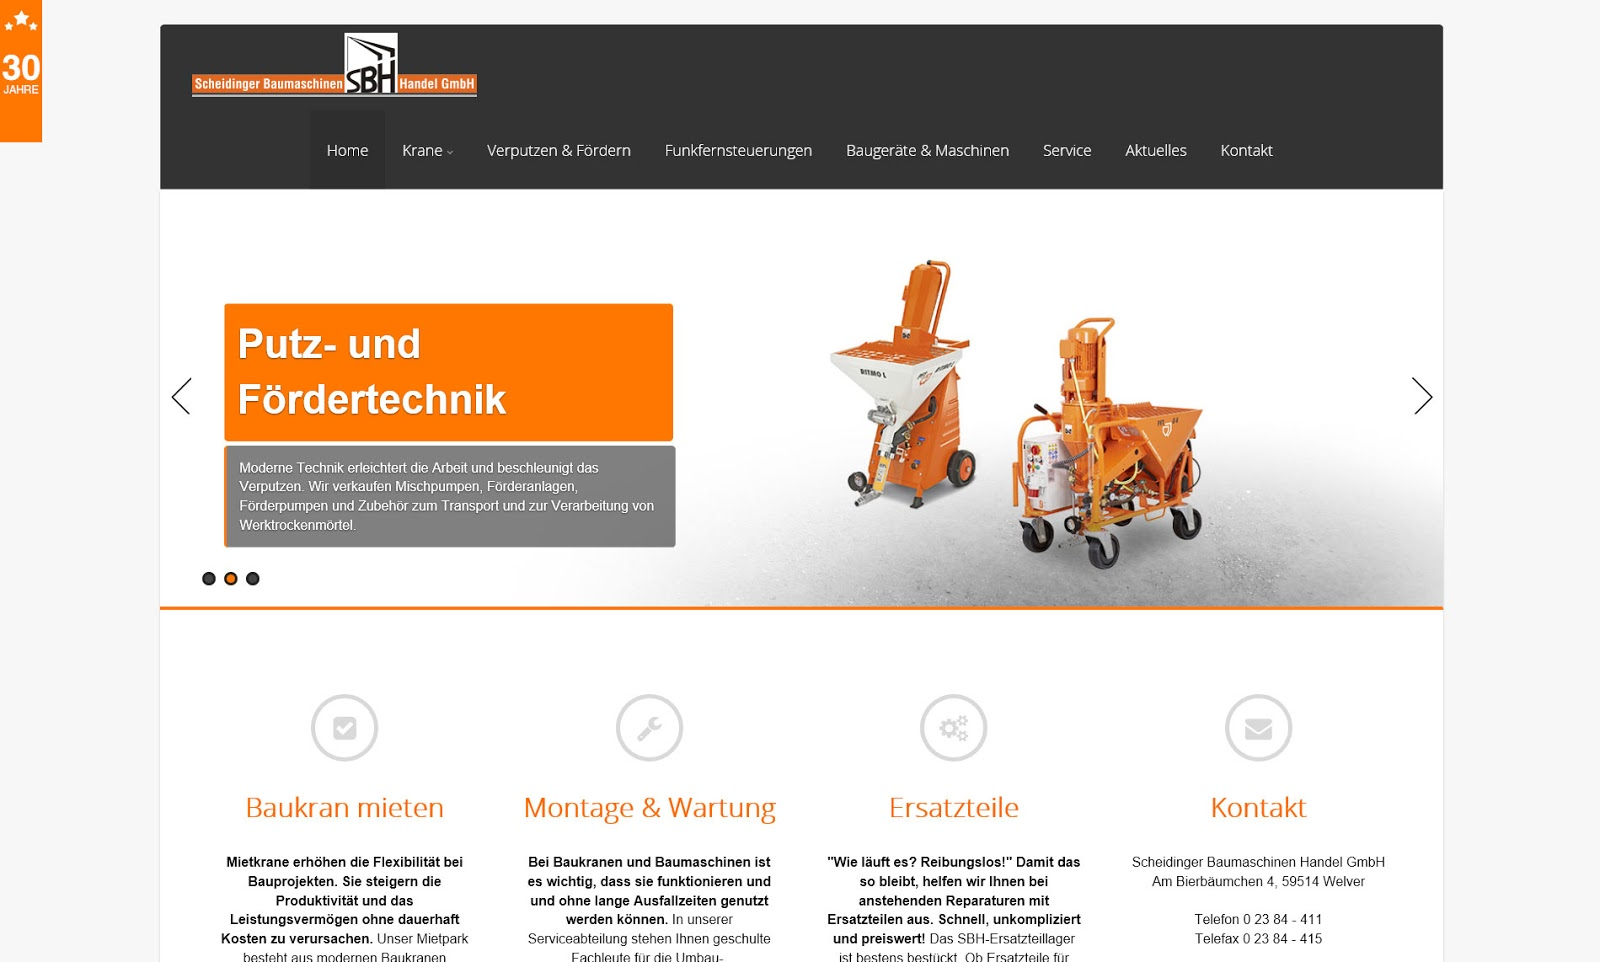 http://www.scheidinger-baumaschinen.de/